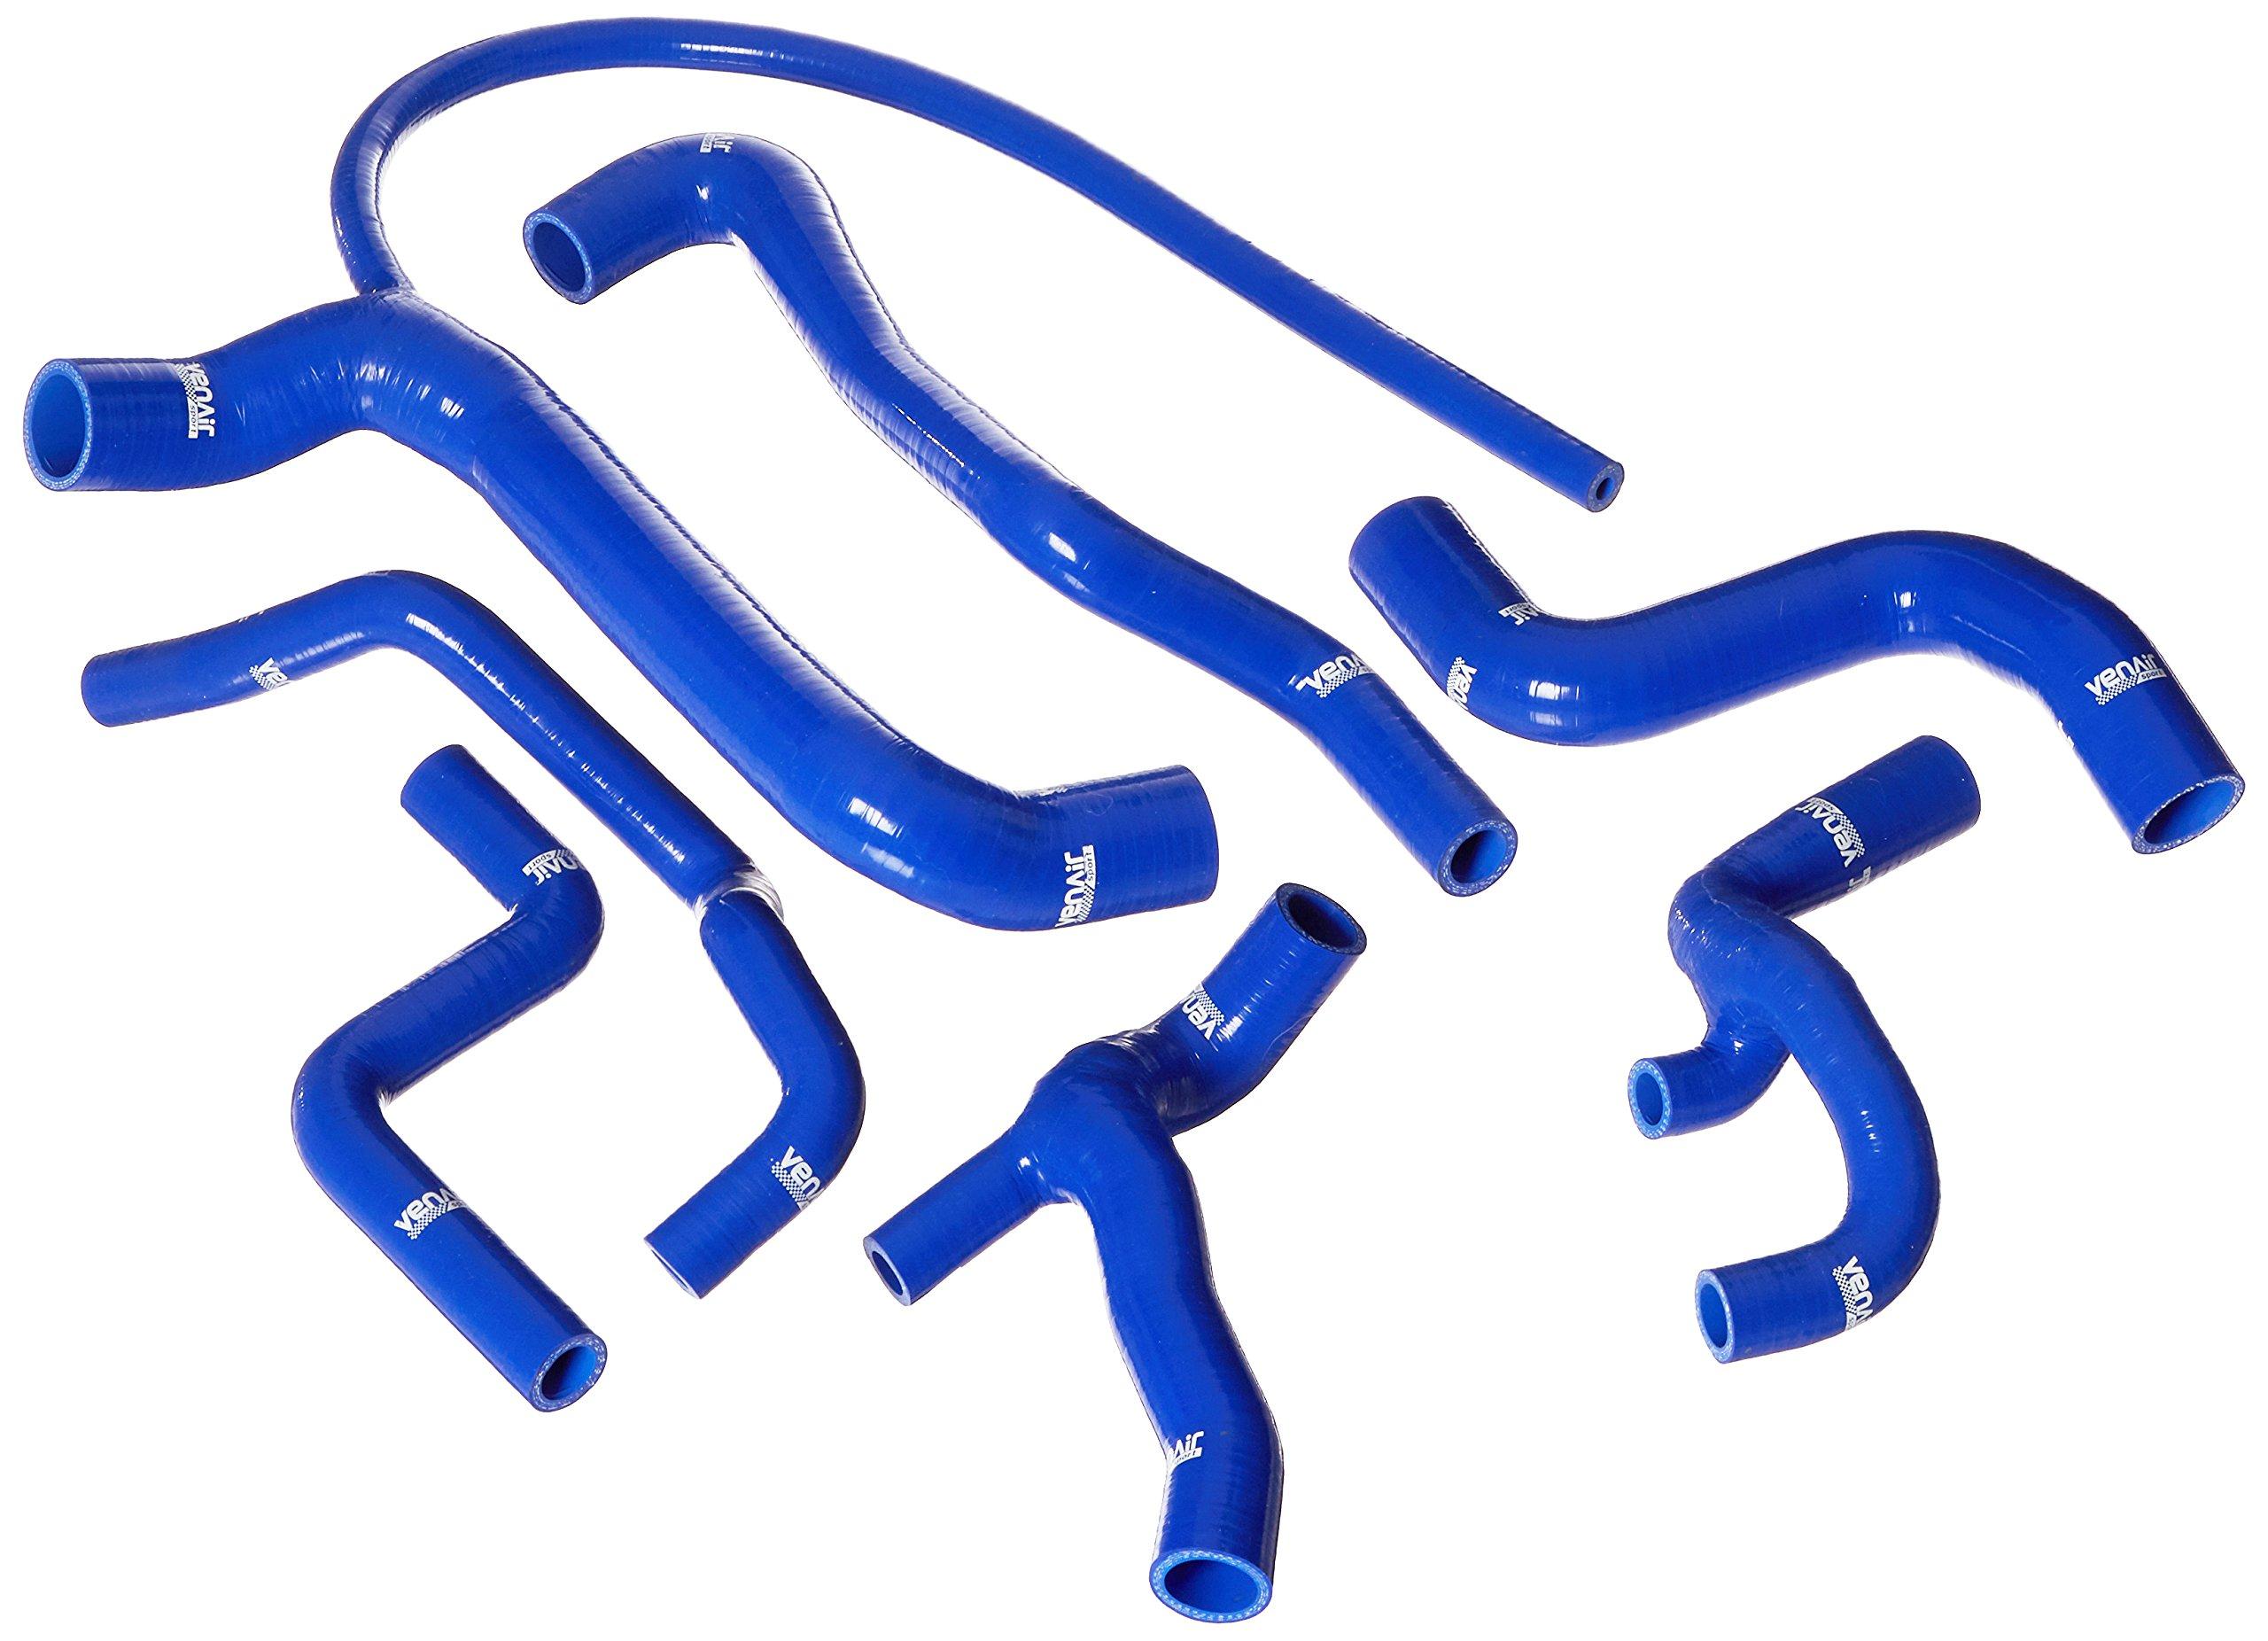 Venair (600001110818-BL) 7-Piece Coolant Silicone Hose Set, Blue by Venair Inc. (Image #1)